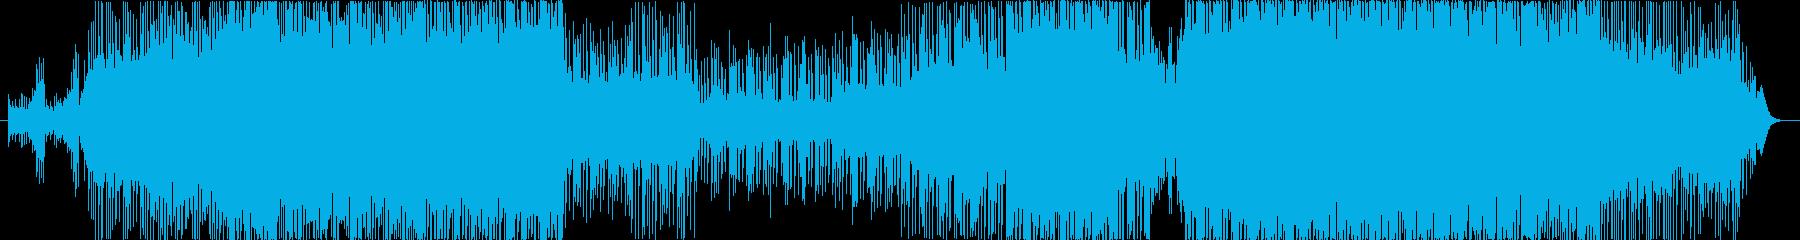 水面から深海を彷彿させるキラキラダンス曲の再生済みの波形